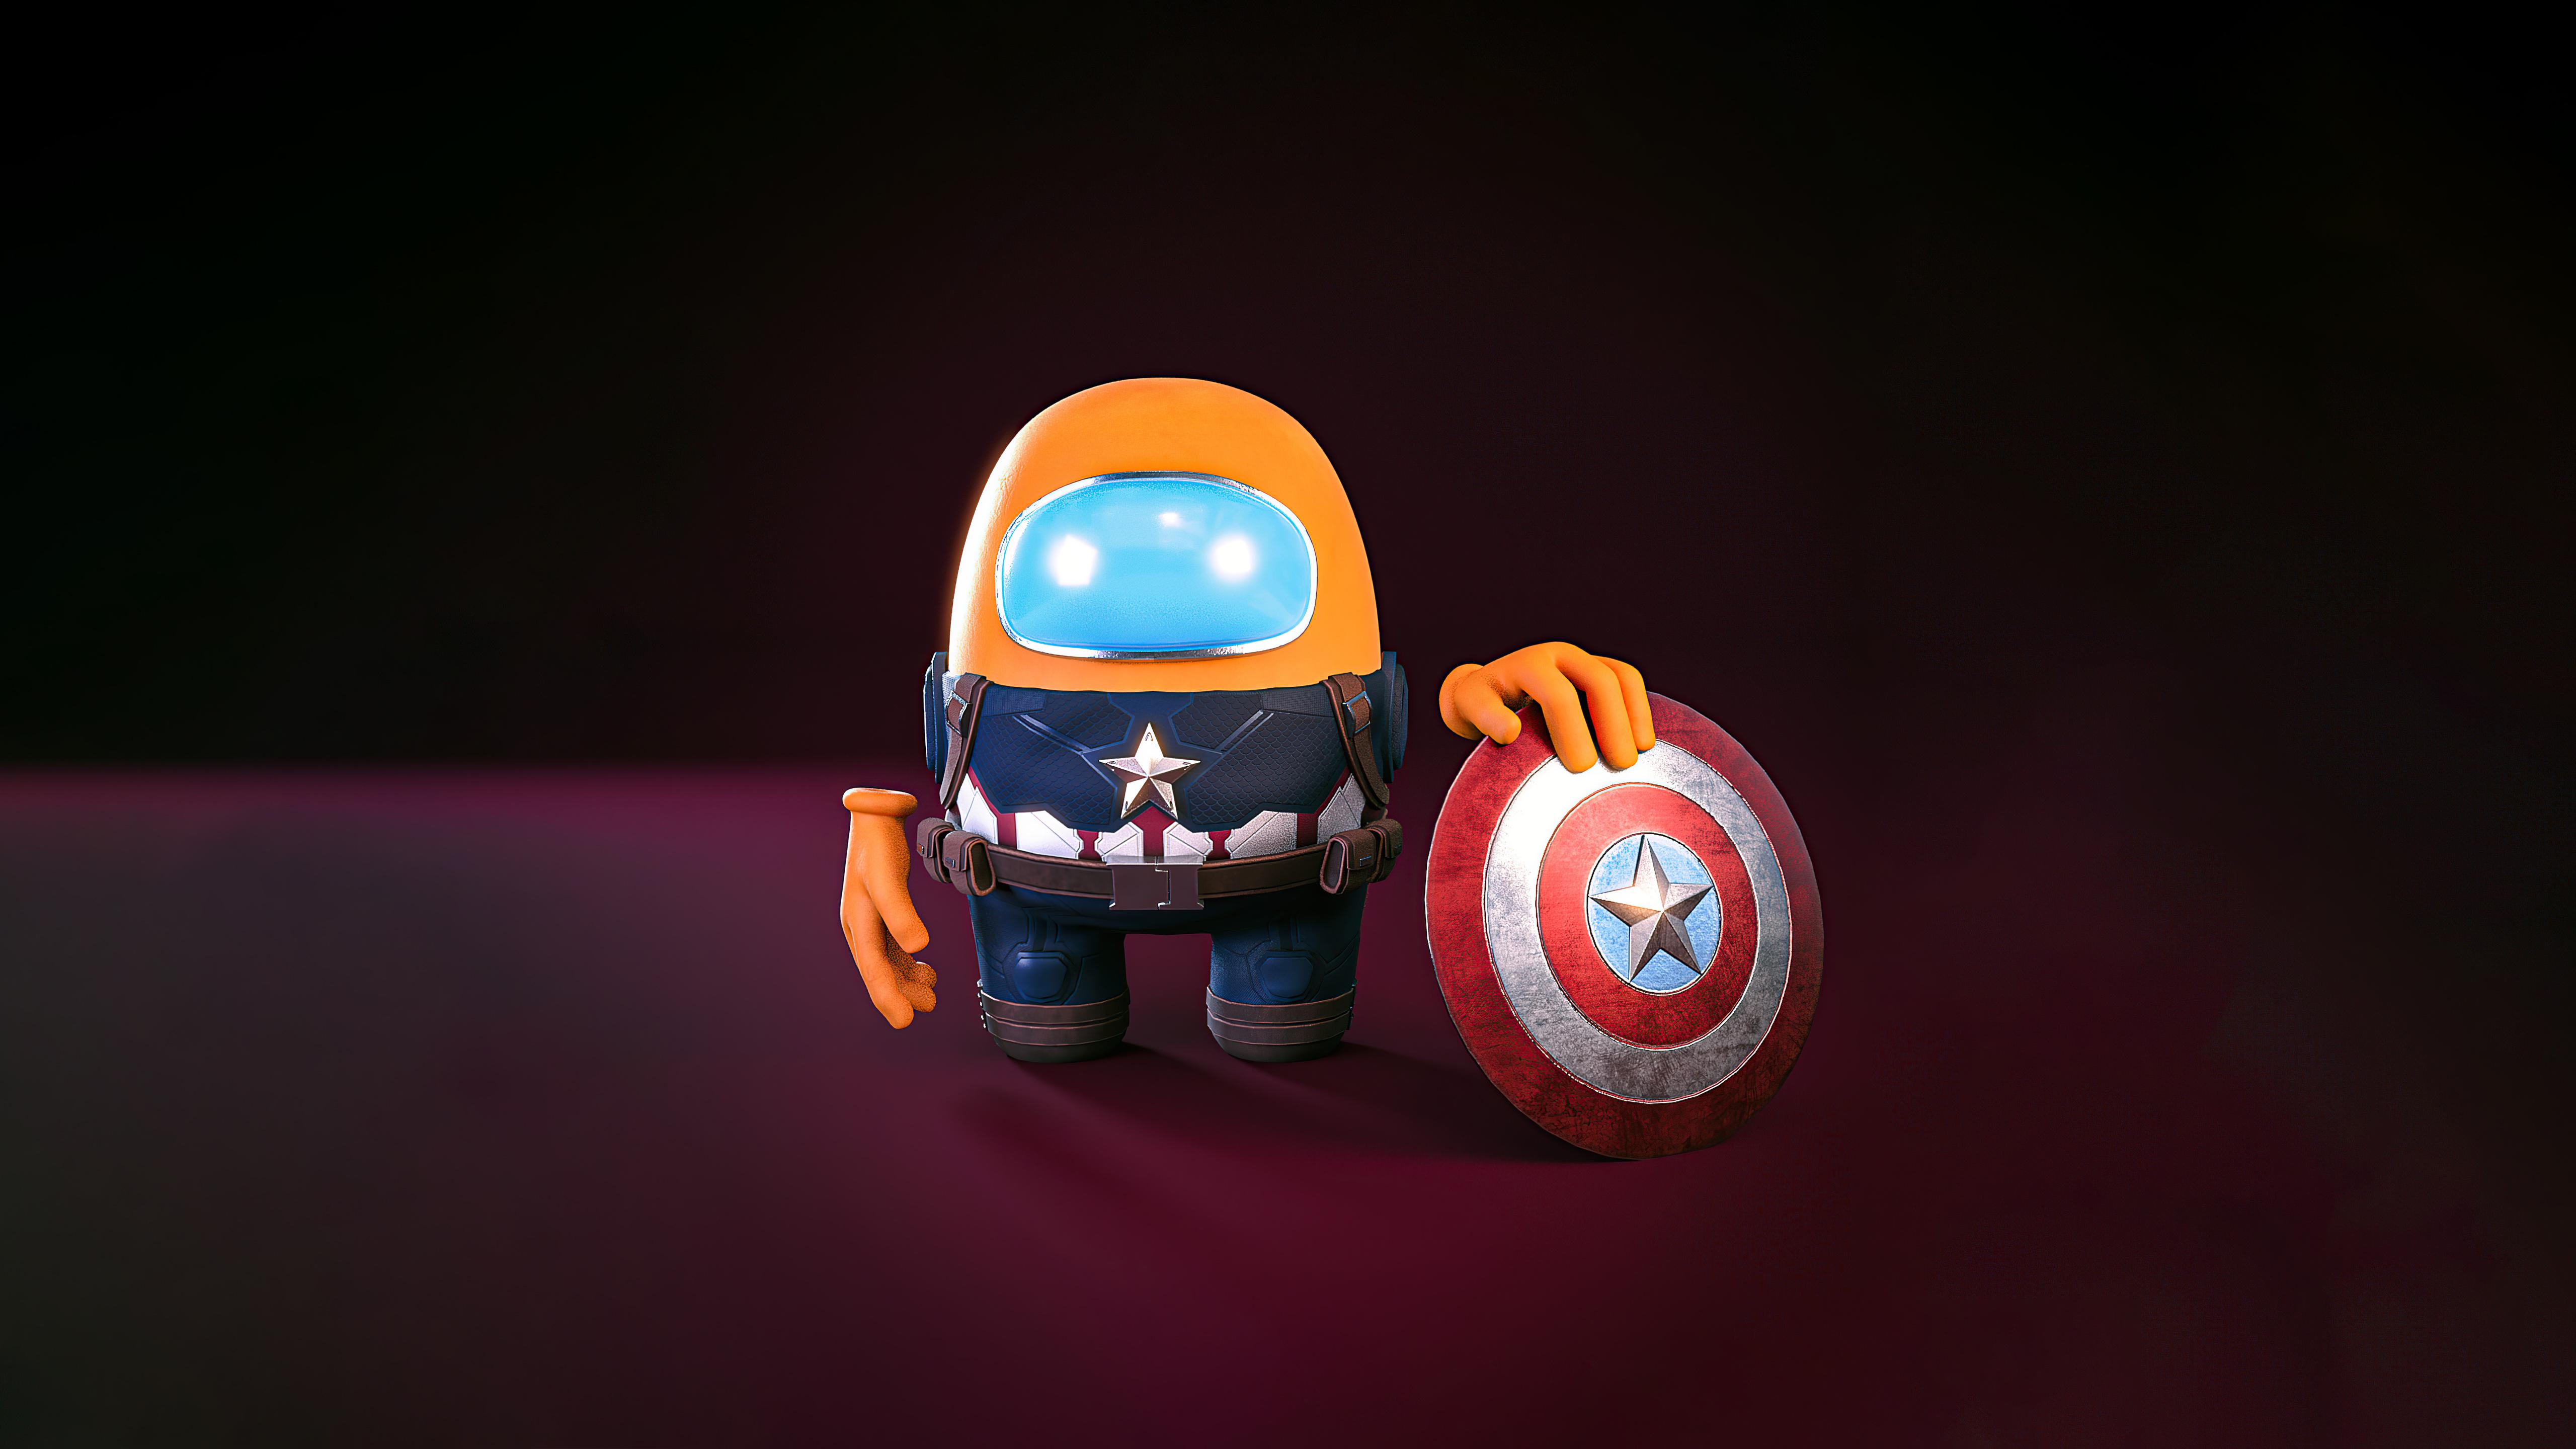 Fondos de pantalla Capitán America estilo Among us